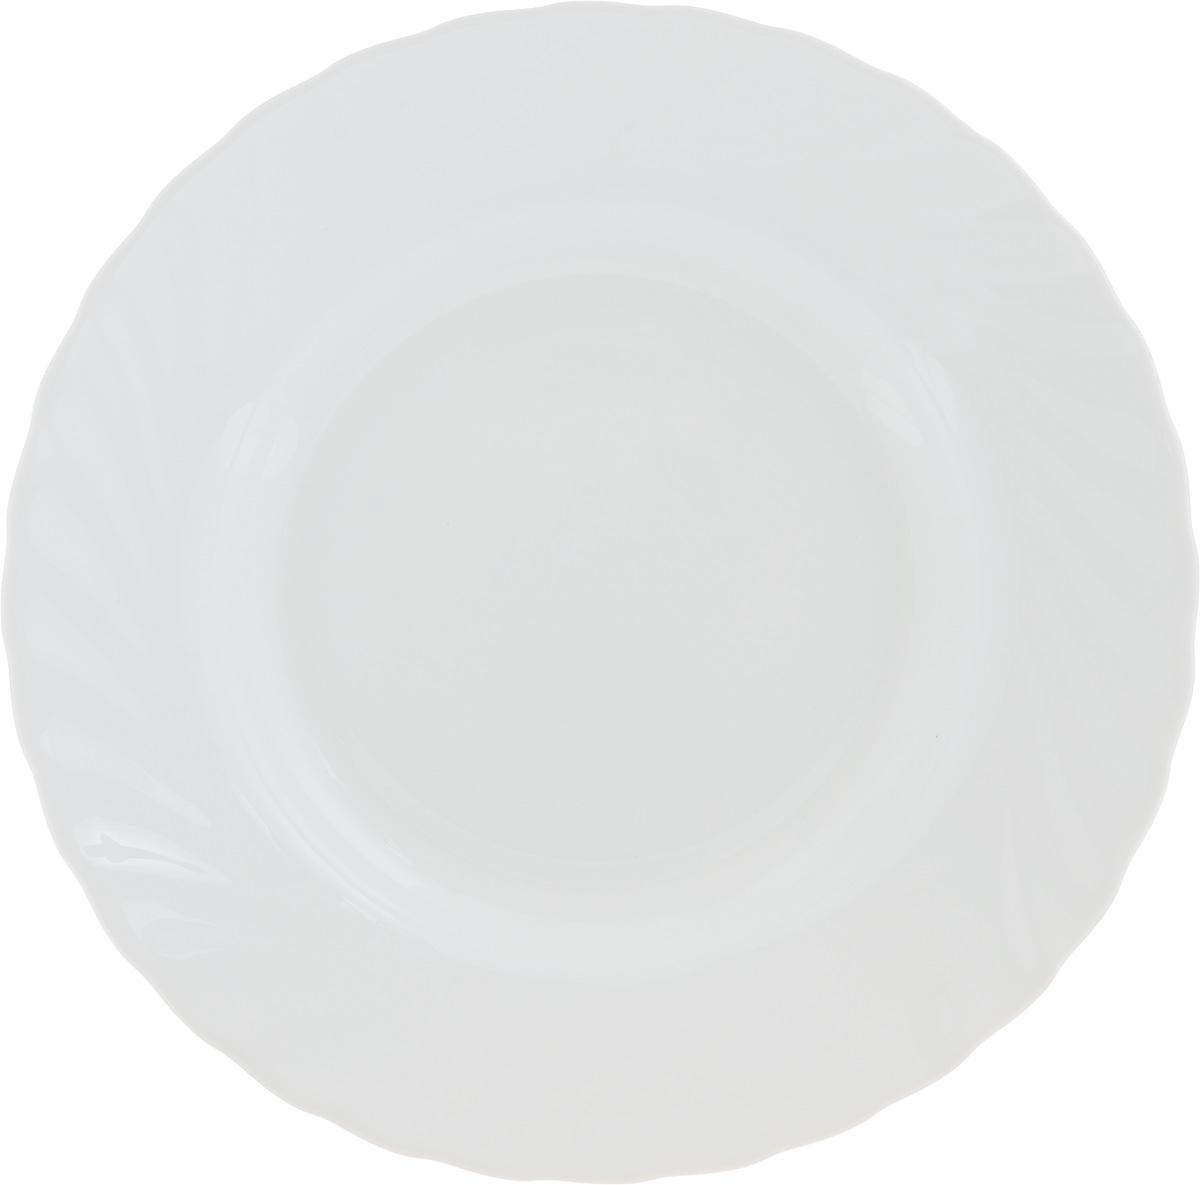 Тарелка суповая Luminarc Trianon White, диаметр 22 см115510Суповая тарелка Luminarc Trianon White, выполненная из высококачественной стеклокерамики, оформлена в классическом стиле. Изящный дизайн придется по вкусу и ценителям классики, и тем, кто предпочитает утонченность. Тарелка Chinbull идеально подойдет для сервировки стола и станет отличным подарком к любому празднику.Диаметр (по верхнему краю): 22 см.Высота стенки: 6 см.